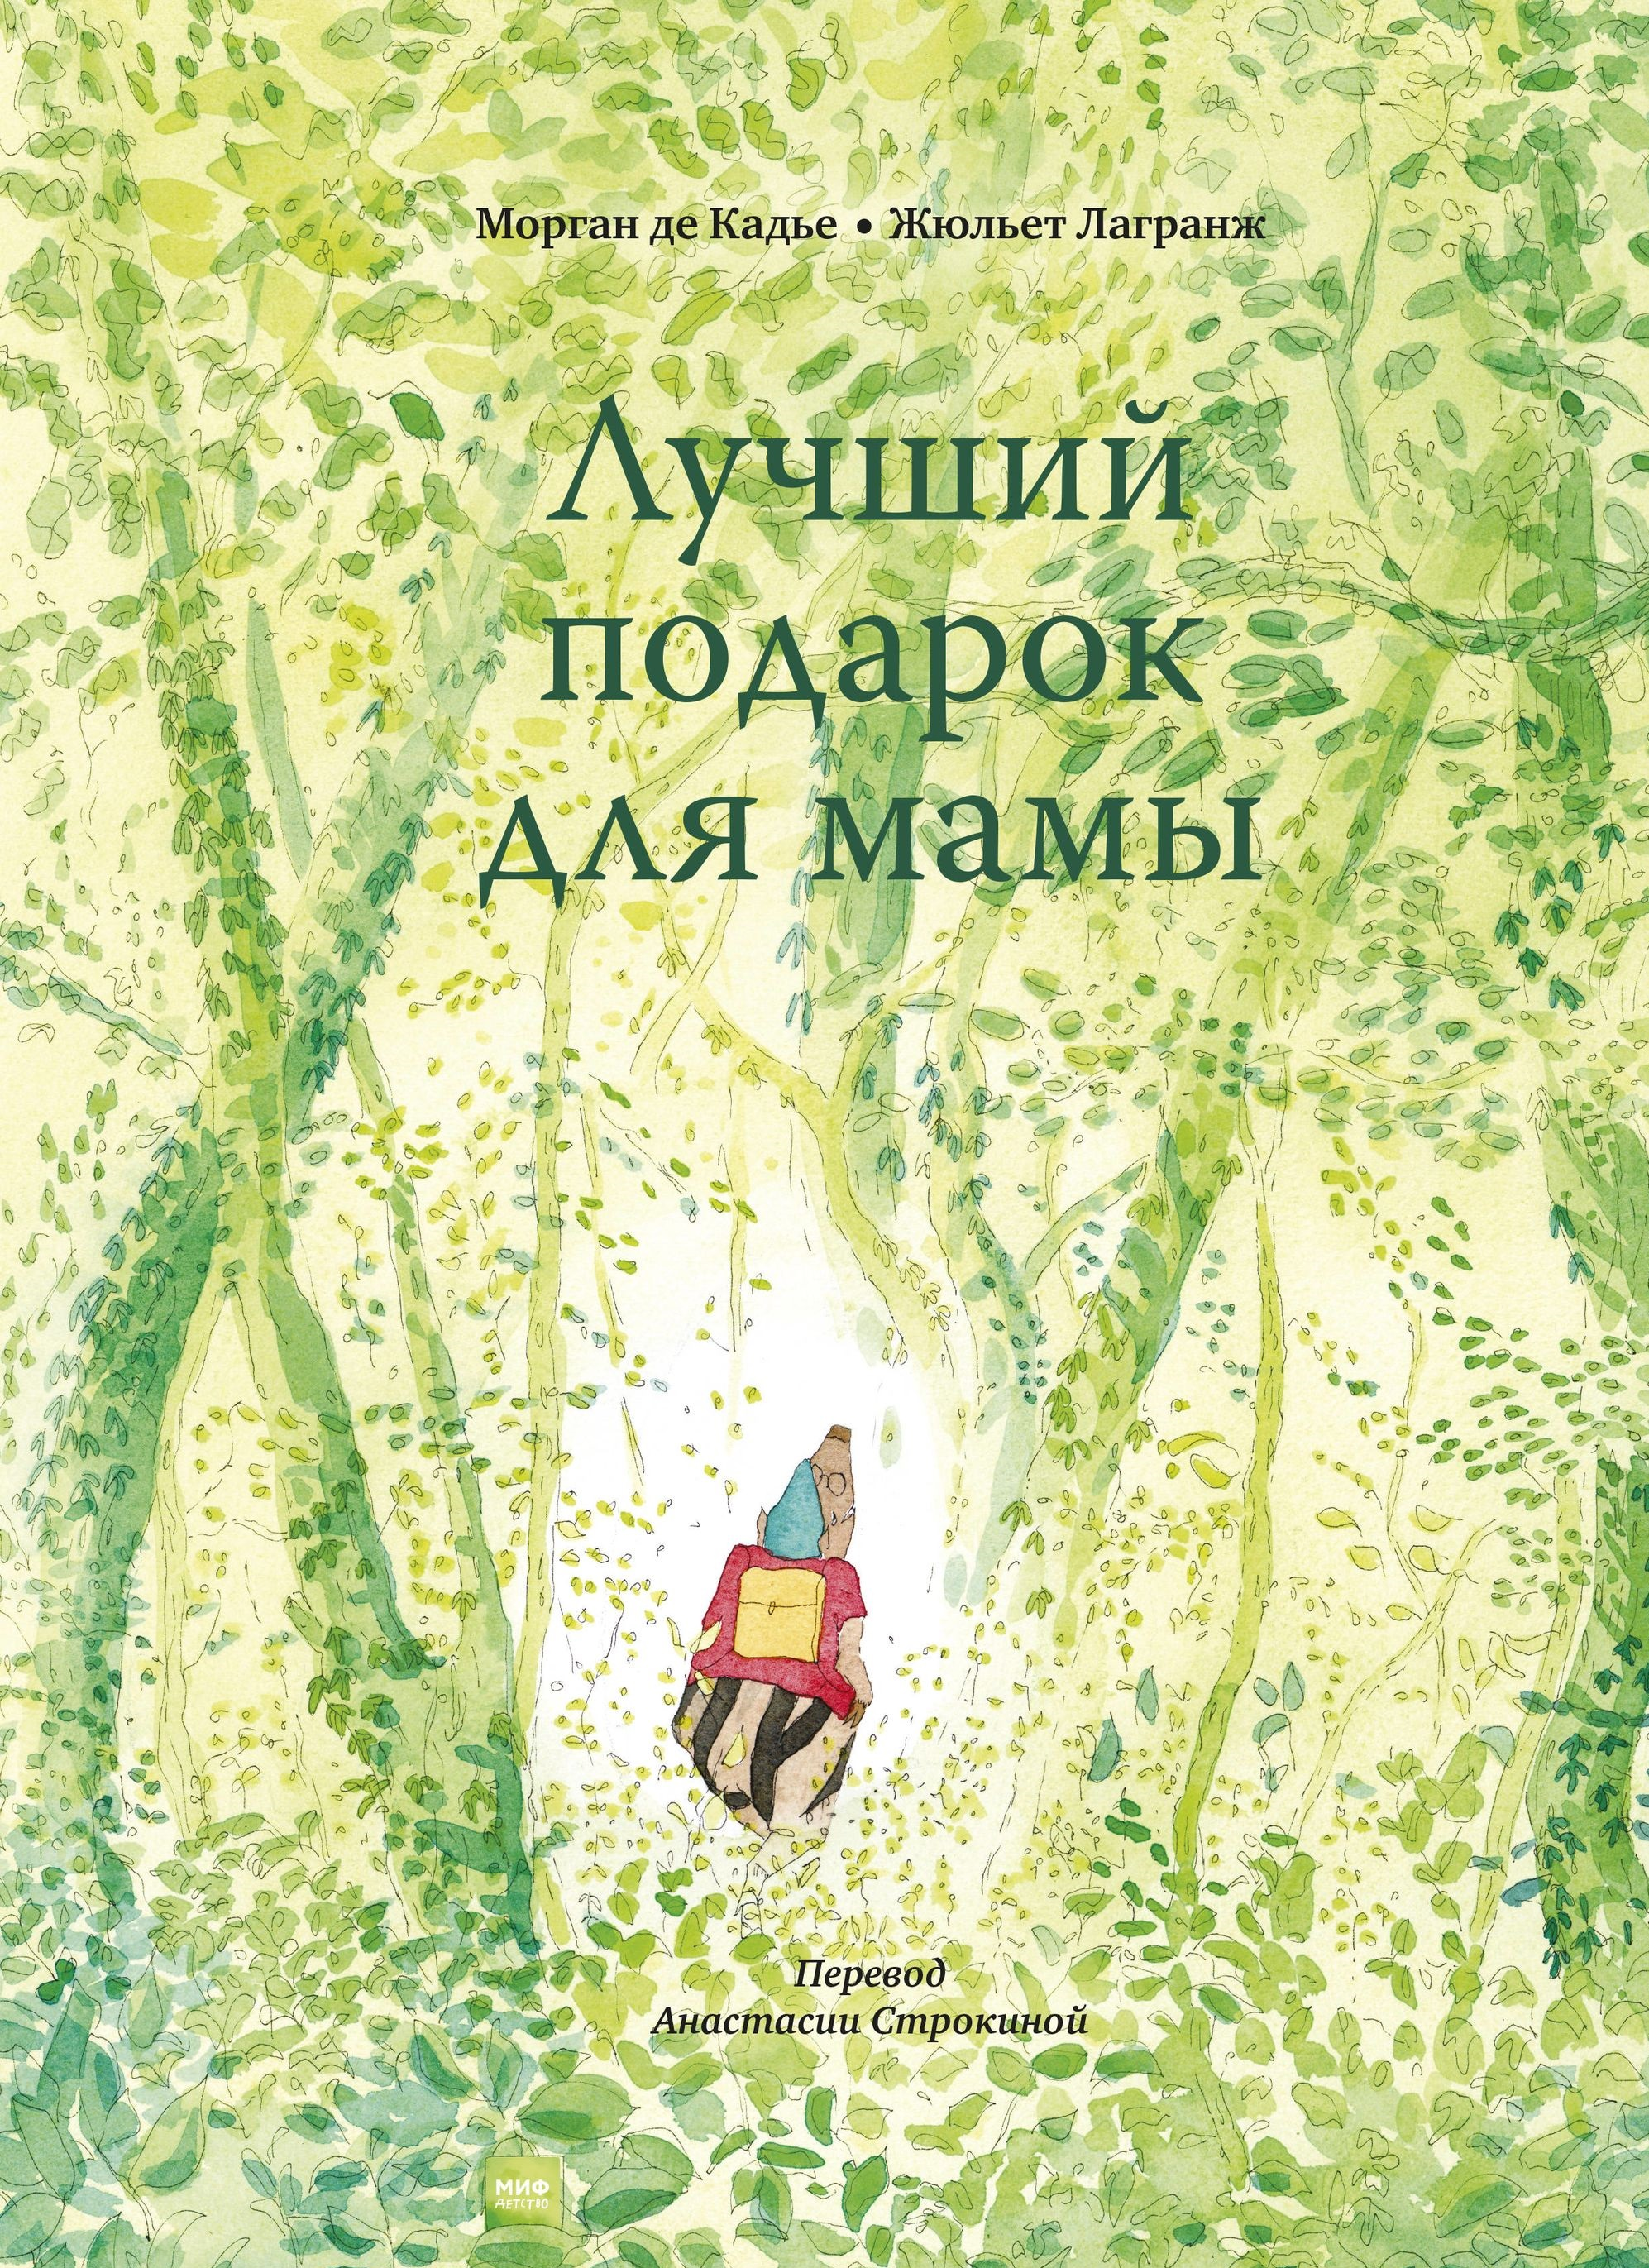 Купить Лучший подарок для Мамы, Манн, Иванов и Фербер, Детская художественная литература